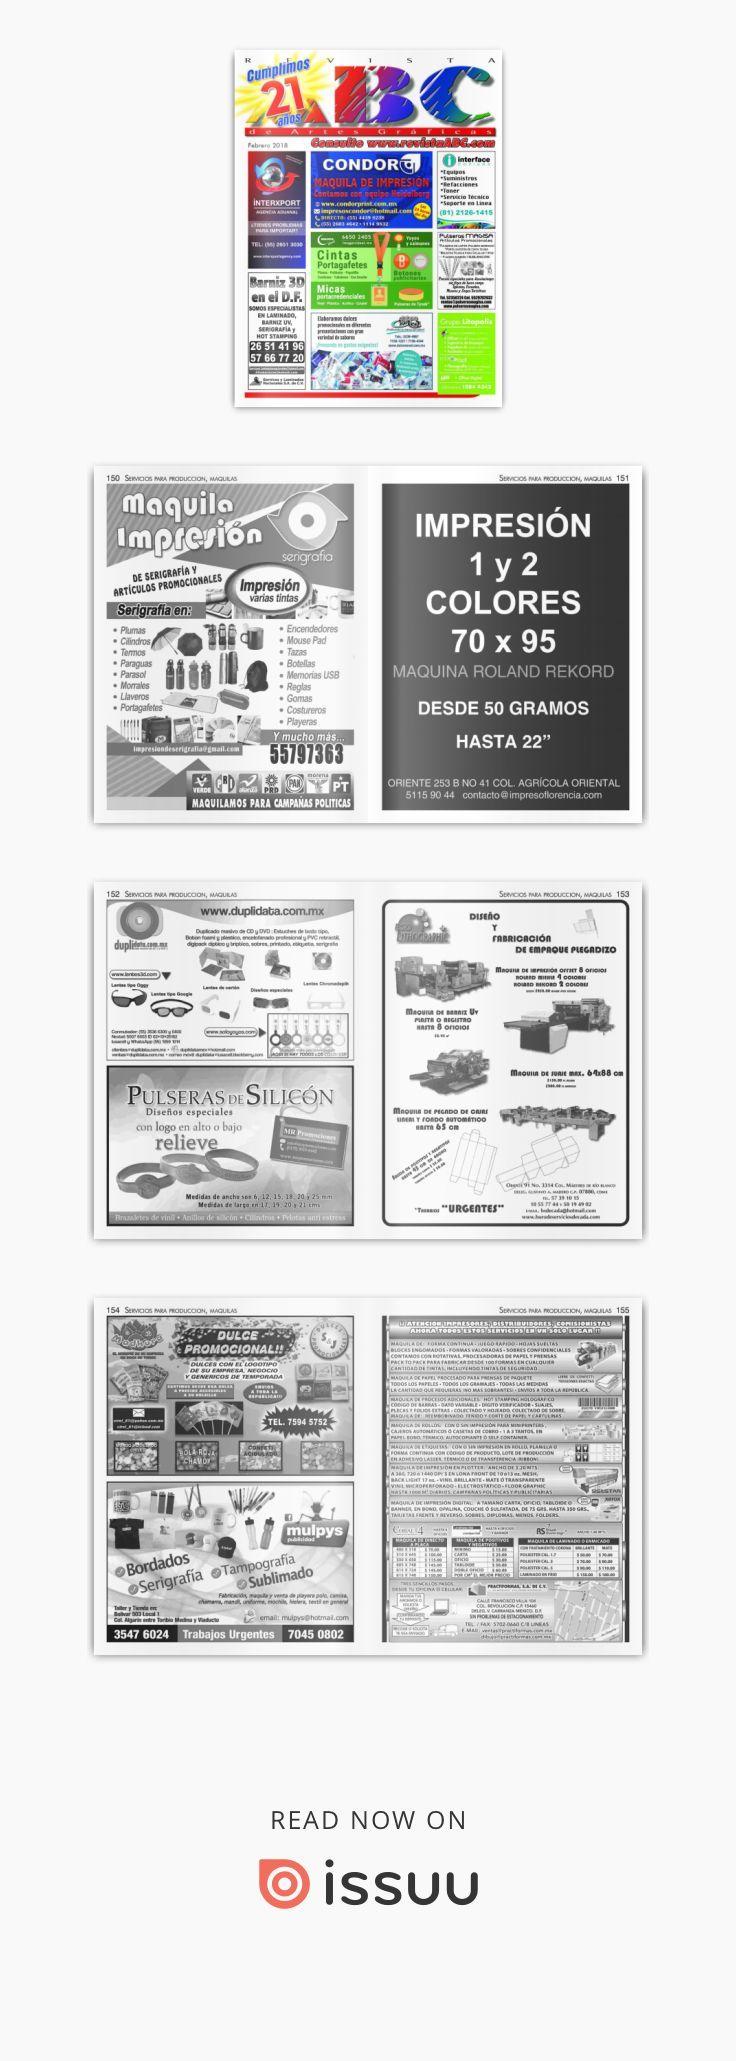 Revista ABC de Artes Gráficas México Febrero 2018  Revista especializada en Artes Gráficas, Publicidad, Offset, Artículos Promocionales, Impresión en Gran Formato, Tintas, Preprensa, Maquinaria para las Artes Gráficas etc.